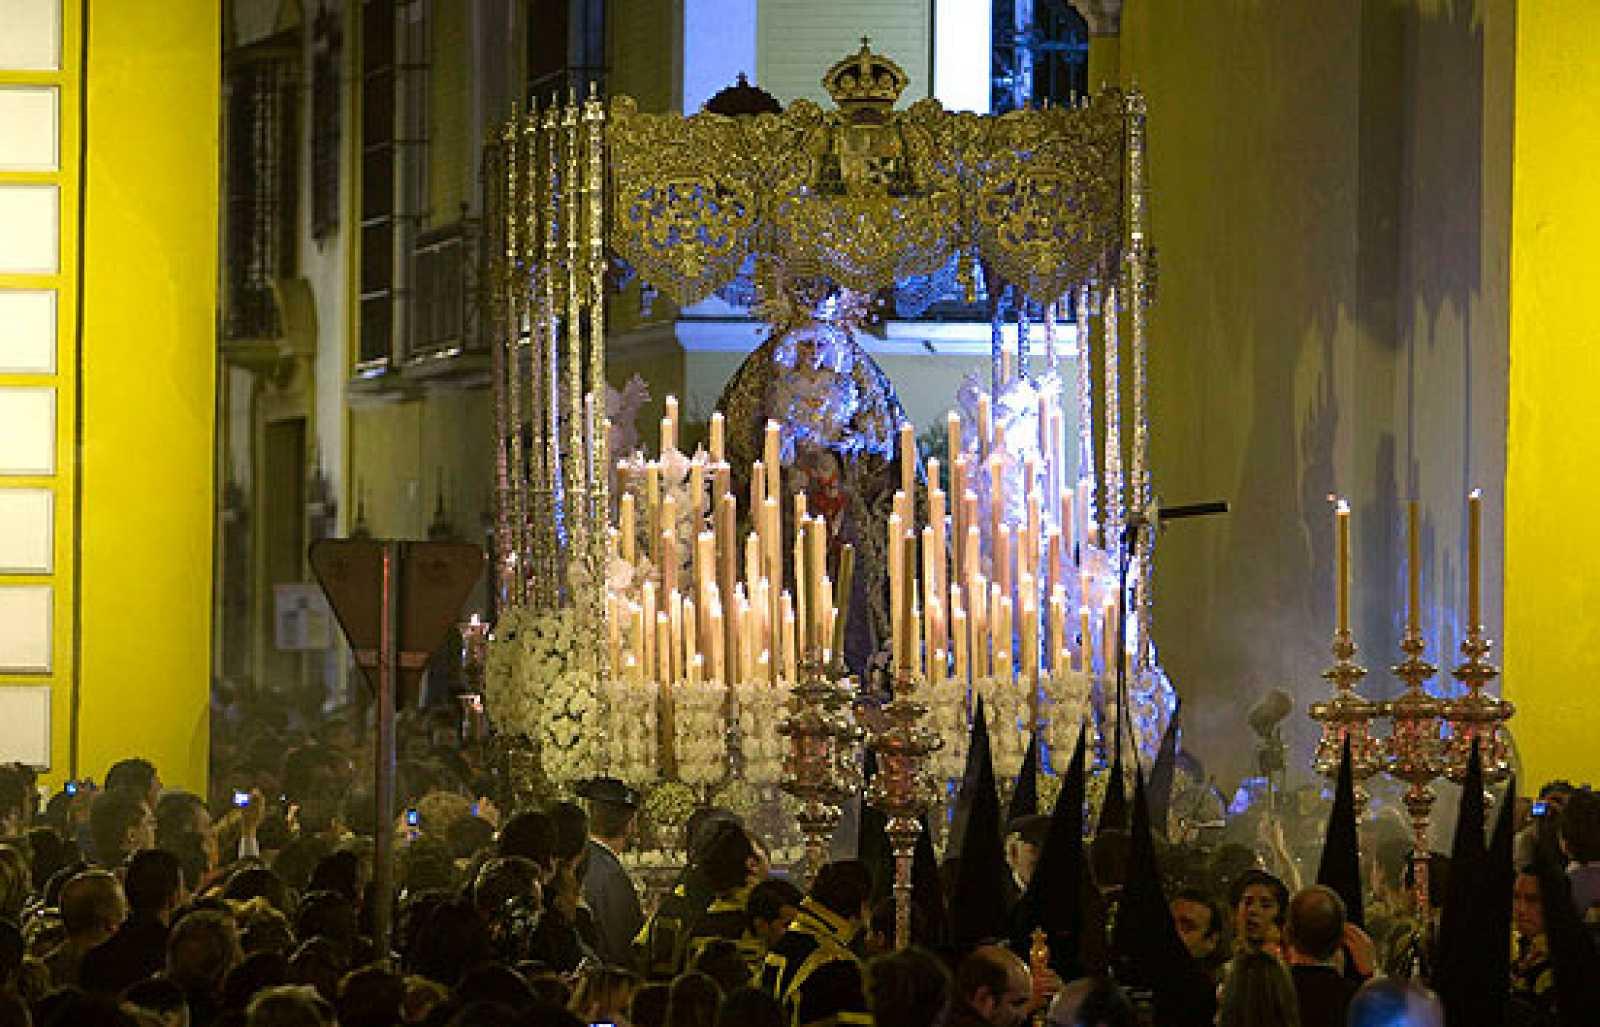 Cientos de miles de personas celebran la Madrugá del Viernes Santo en Sevilla.